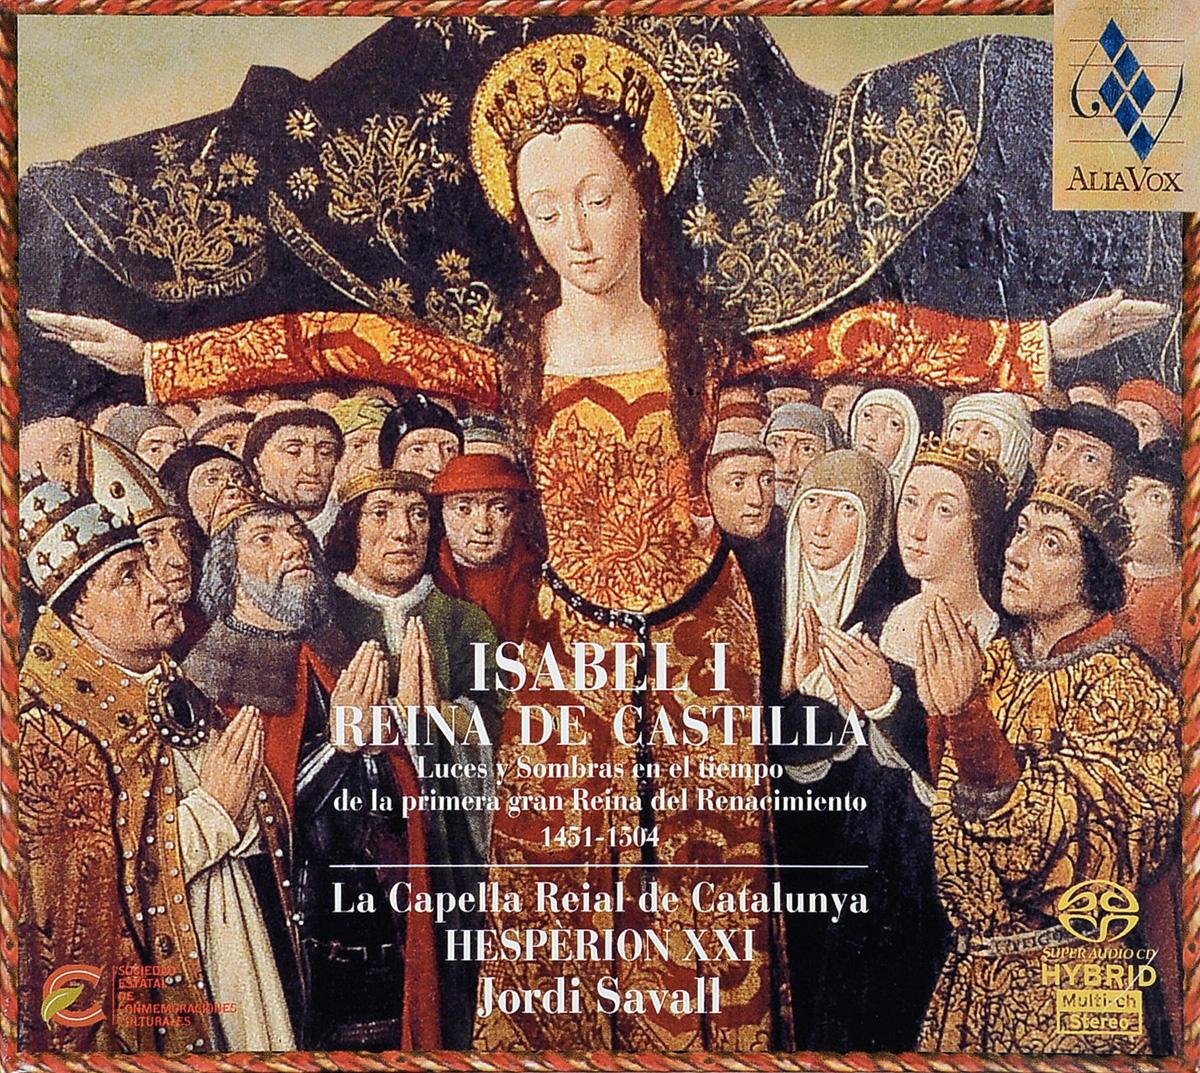 Хорди Саваль,La Capella Reial De Catalunya,Hesperion XXI Hesperion Xxi, La Capella Reial De Catalunya, Jordi Savall. Various Composers. Isabel I, Reina De Castilla (1451-1504)